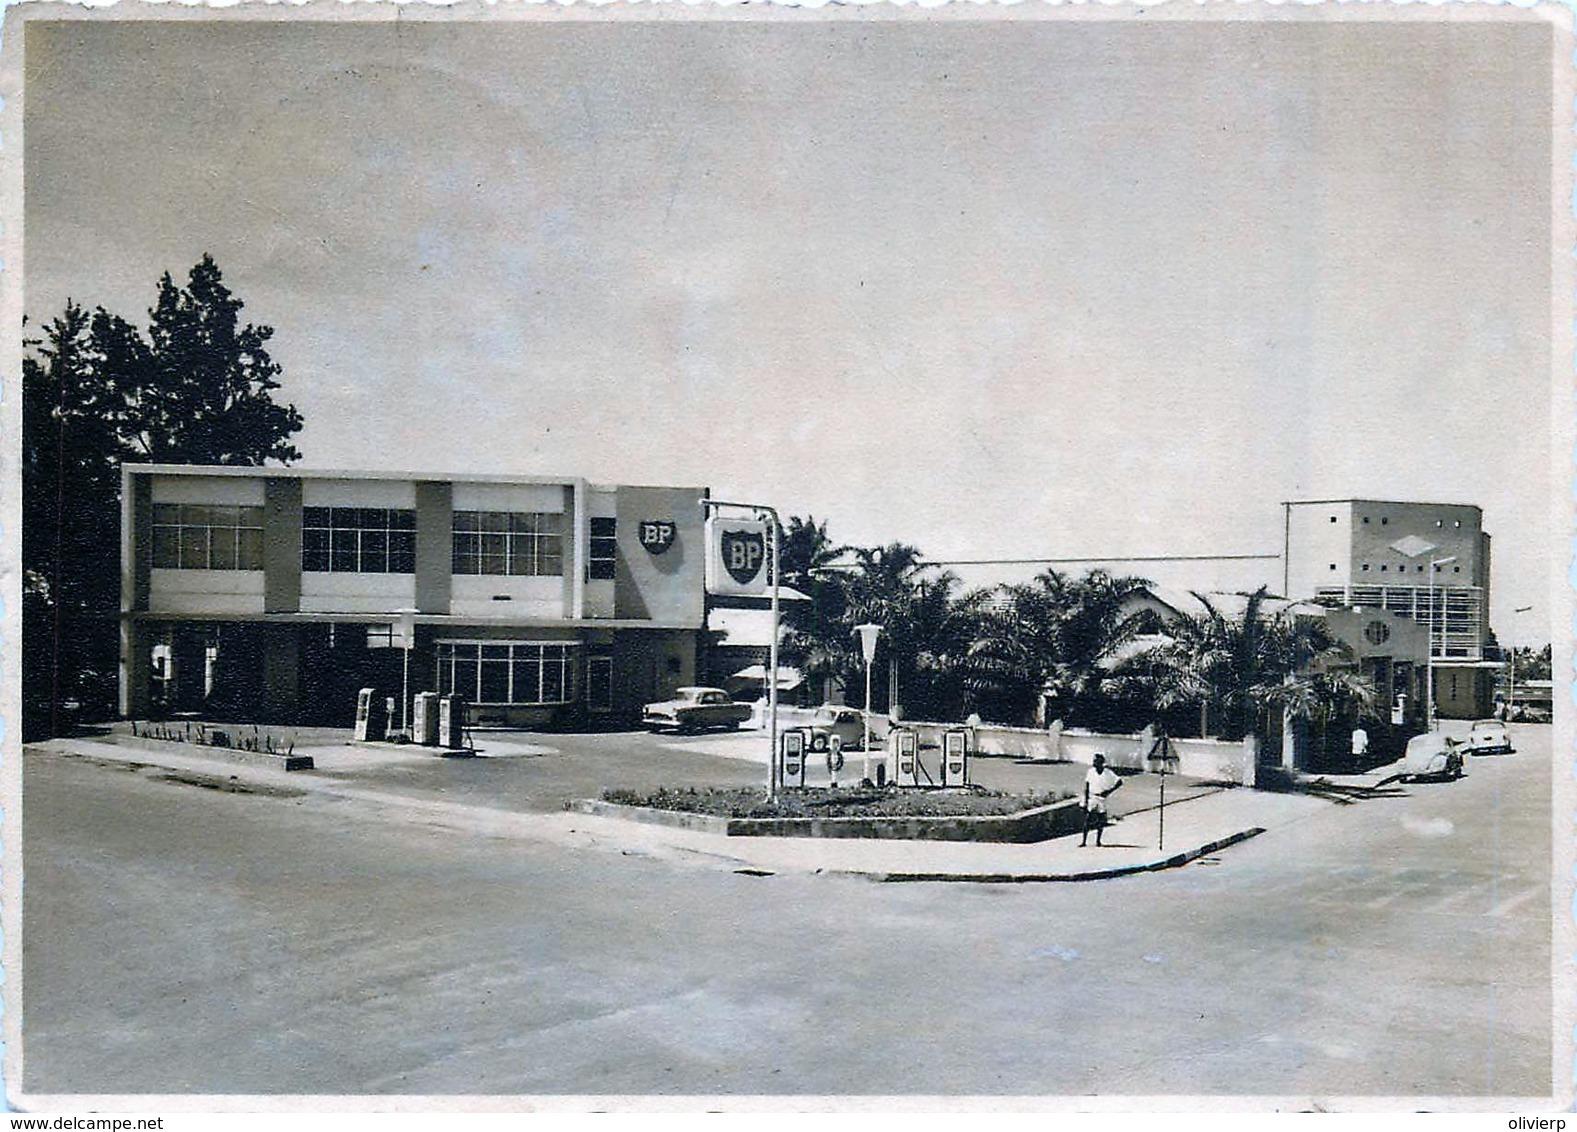 Congo - Leopoldville - Station D'essnce B.P.  - Pompes Et Panneaux Publicitaires - Belgisch-Congo - Varia